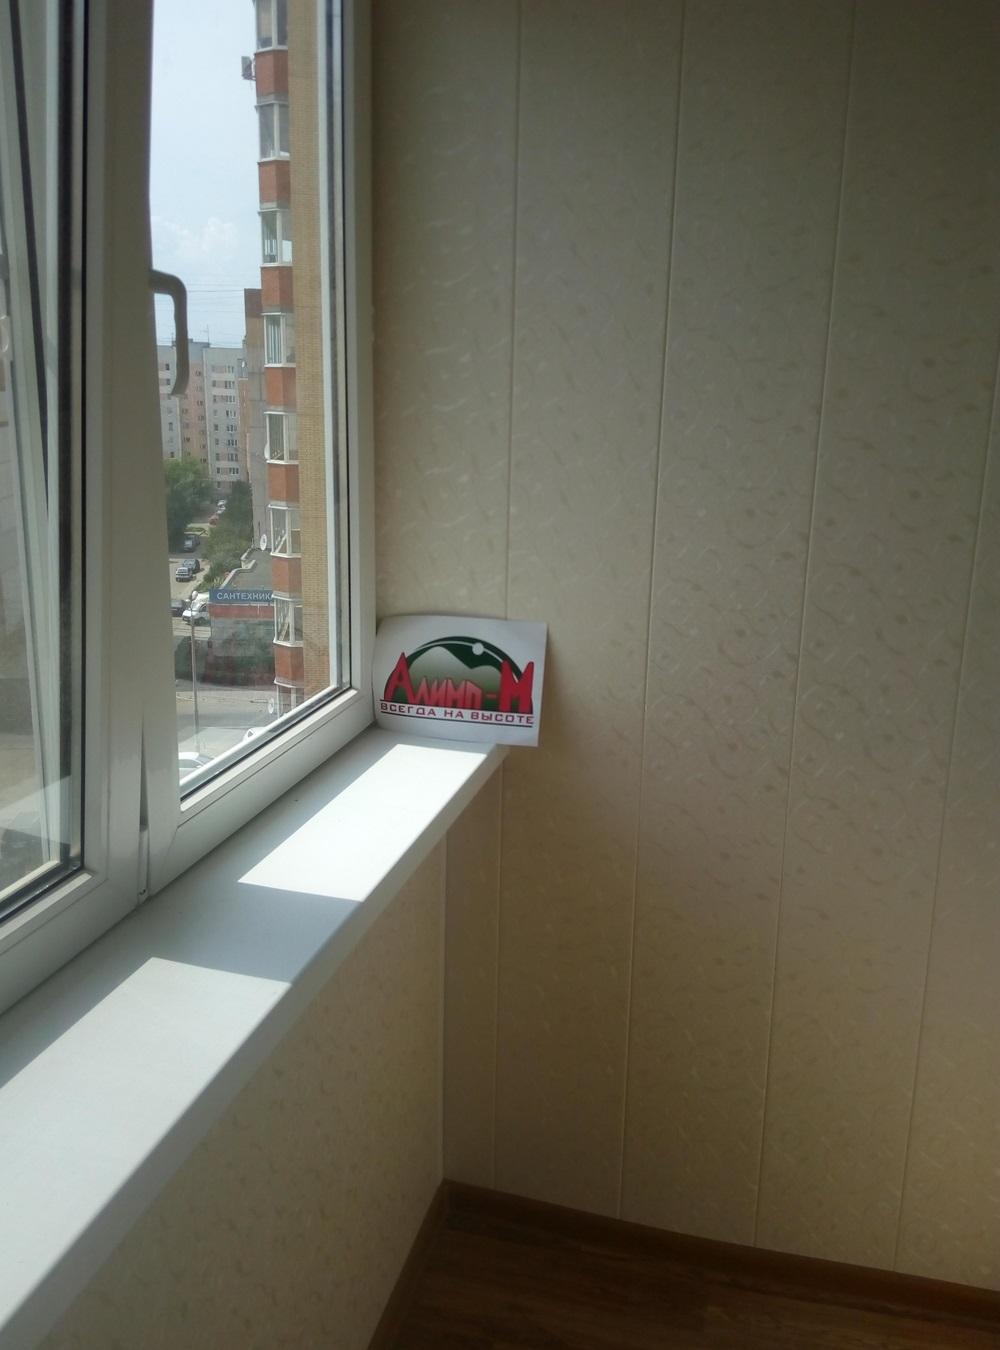 Остекление лоджии пластиковыми окнами мегион.